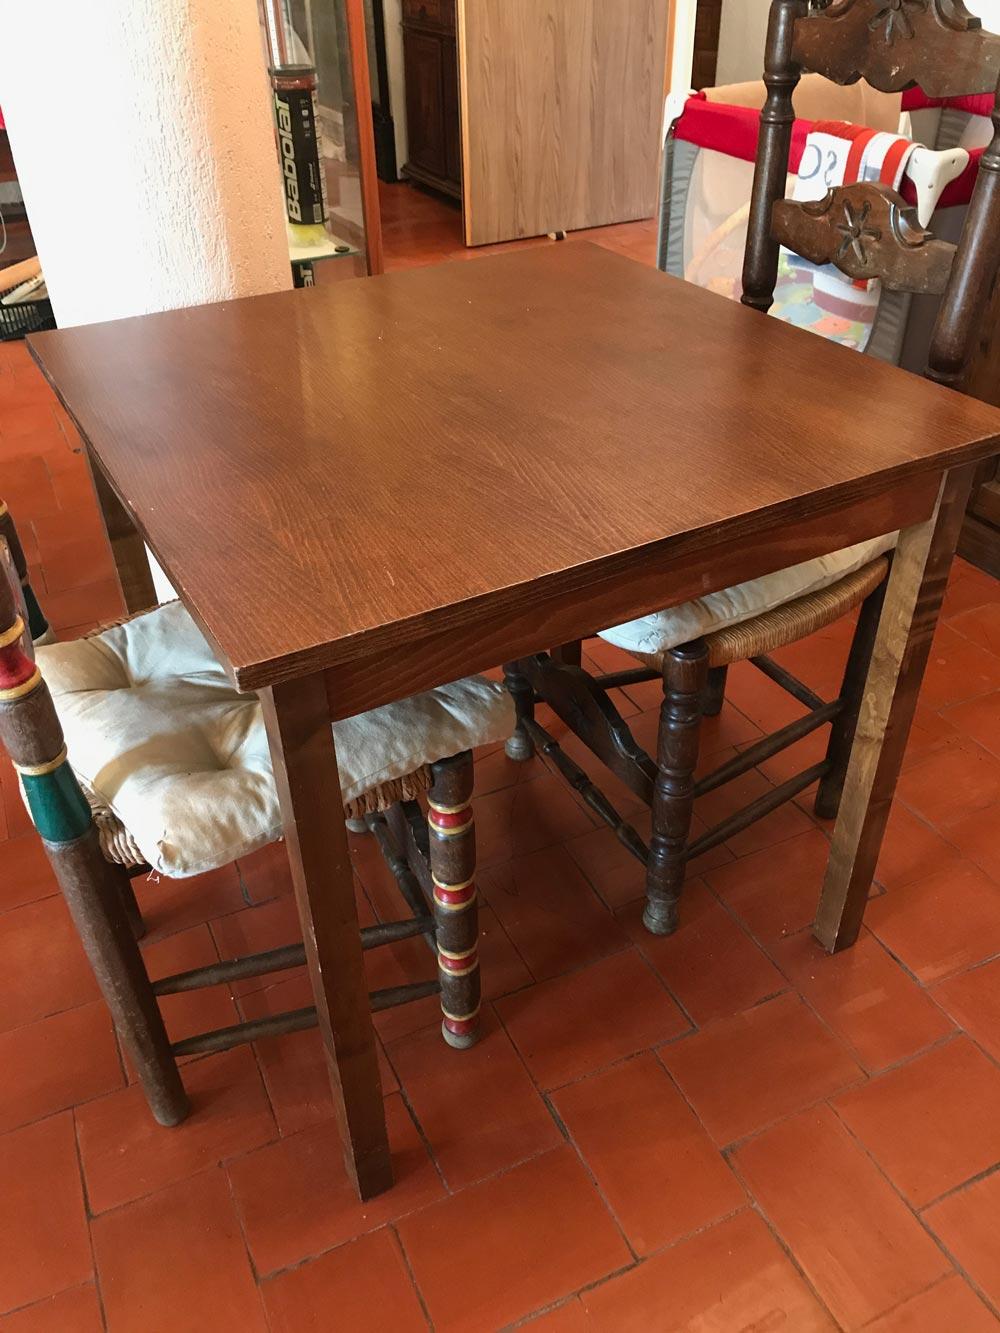 Table de restaurant plateau carr 76 x 80 x 80 cm carvajal - Plateau de table restaurant ...